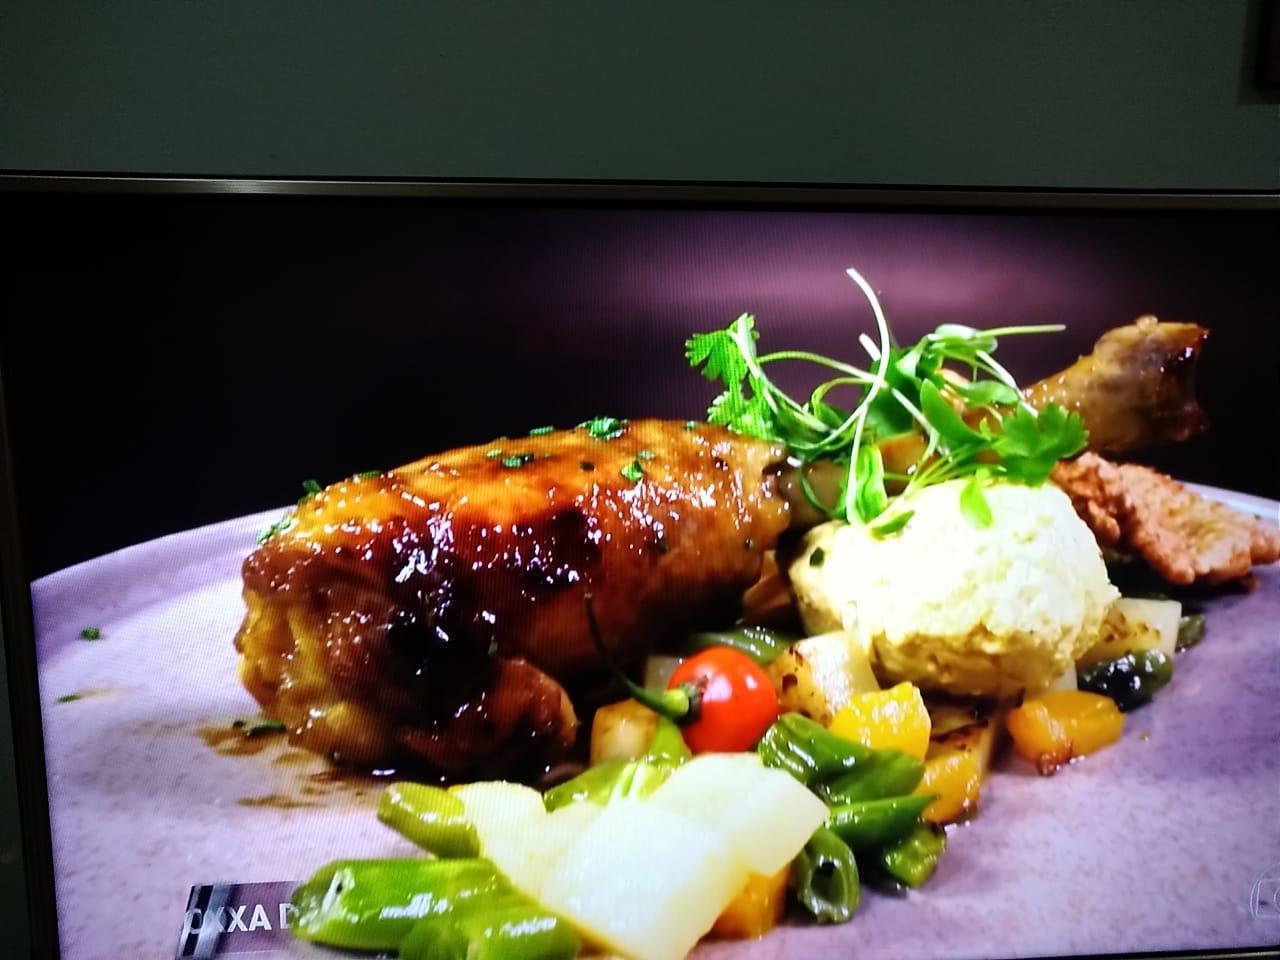 Coxa de galinha caipira, mousse de galinha e legumes da roça. (Foto: Reprodução)